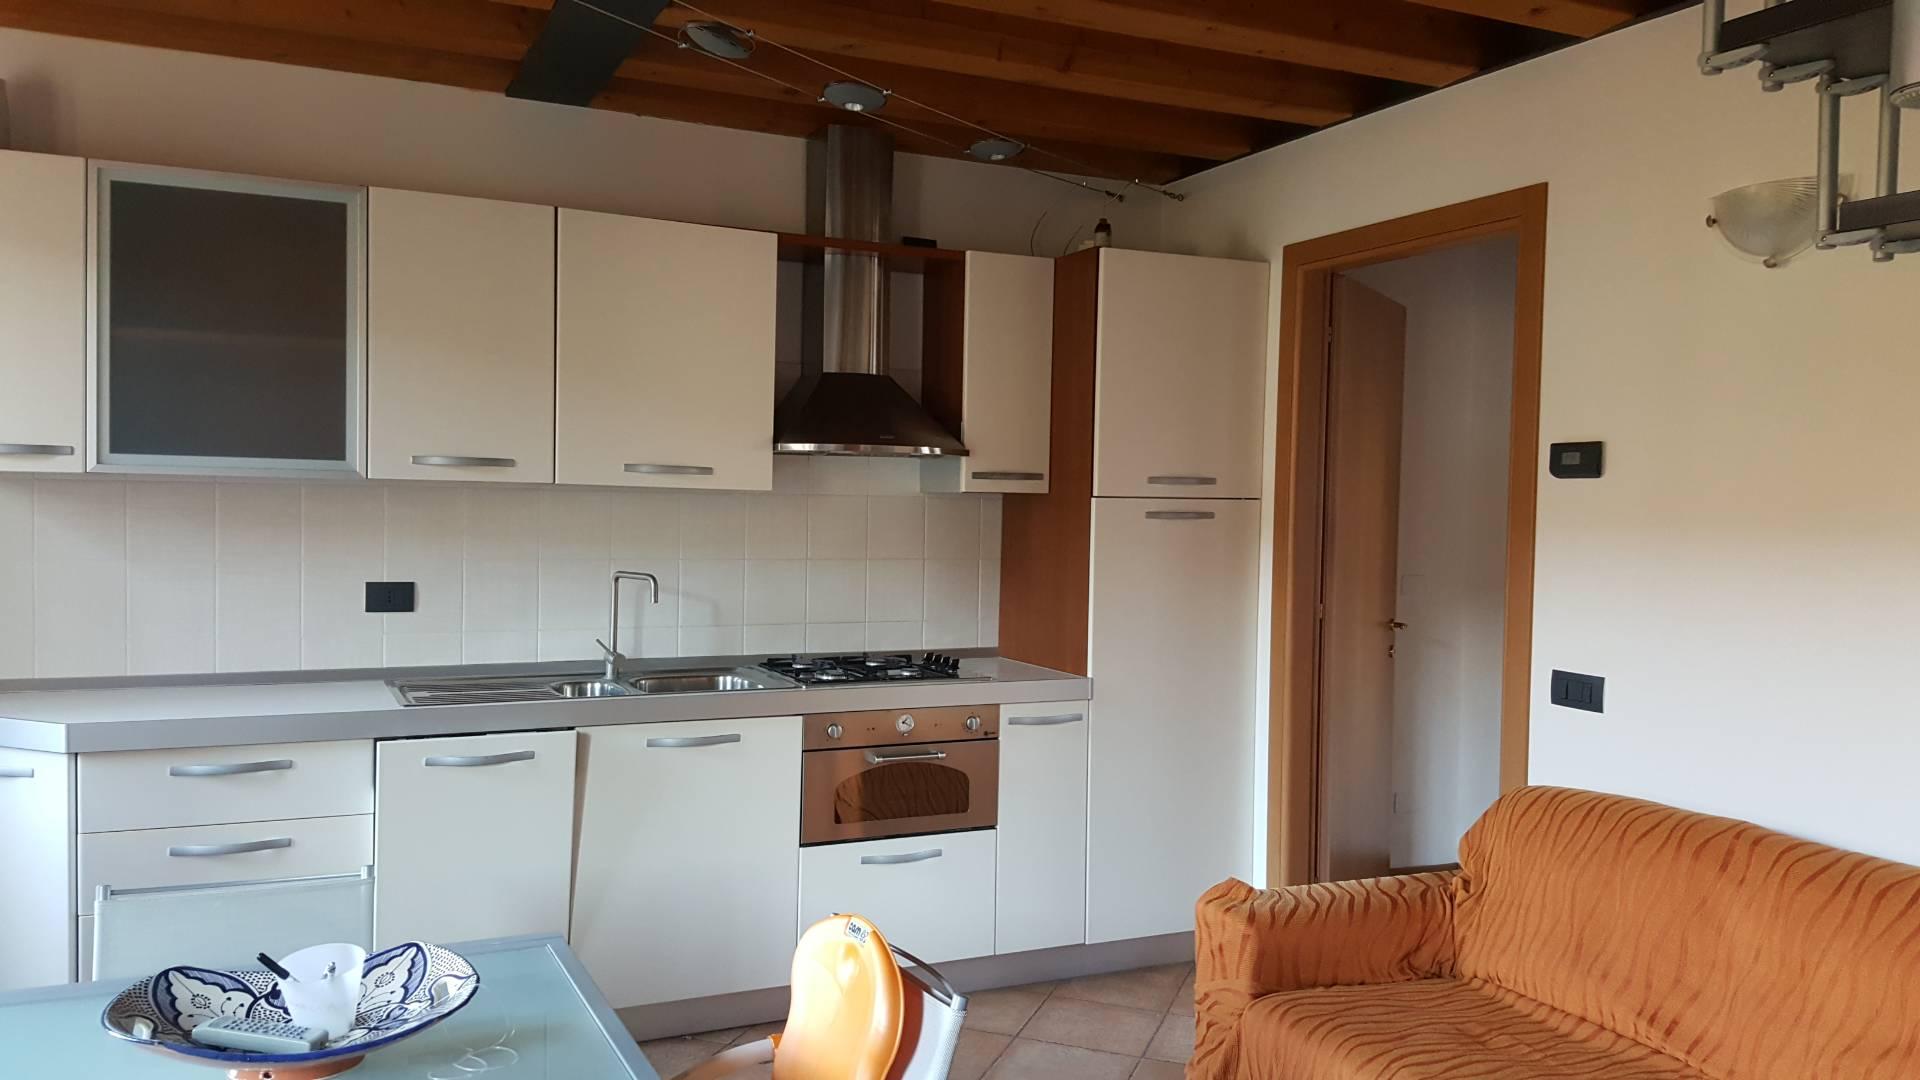 Appartamento in vendita a Soave, 3 locali, prezzo € 125.000 | CambioCasa.it